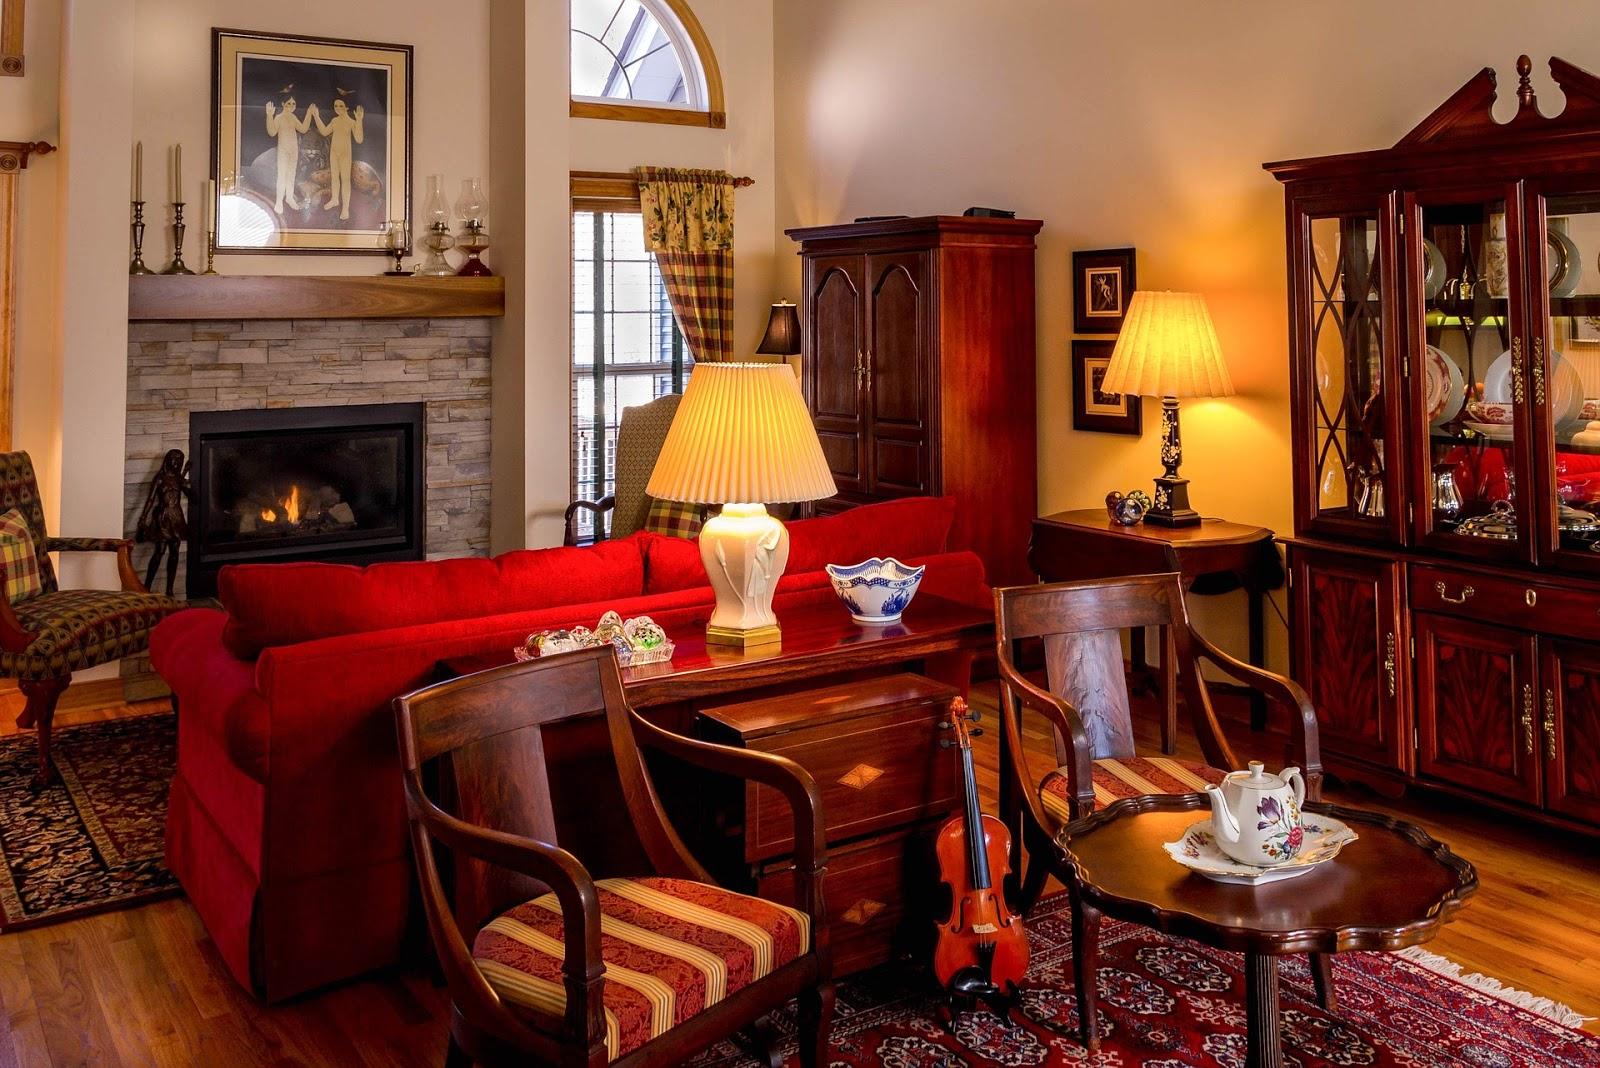 ... Komfortabel Und Voller Charme Der Wilde, Natürlich Die Gestaltung Des  Wohnzimmers, Wie Es Für Uns Zu Versuchen Und Mimik, Ohne Zu ändern, ...